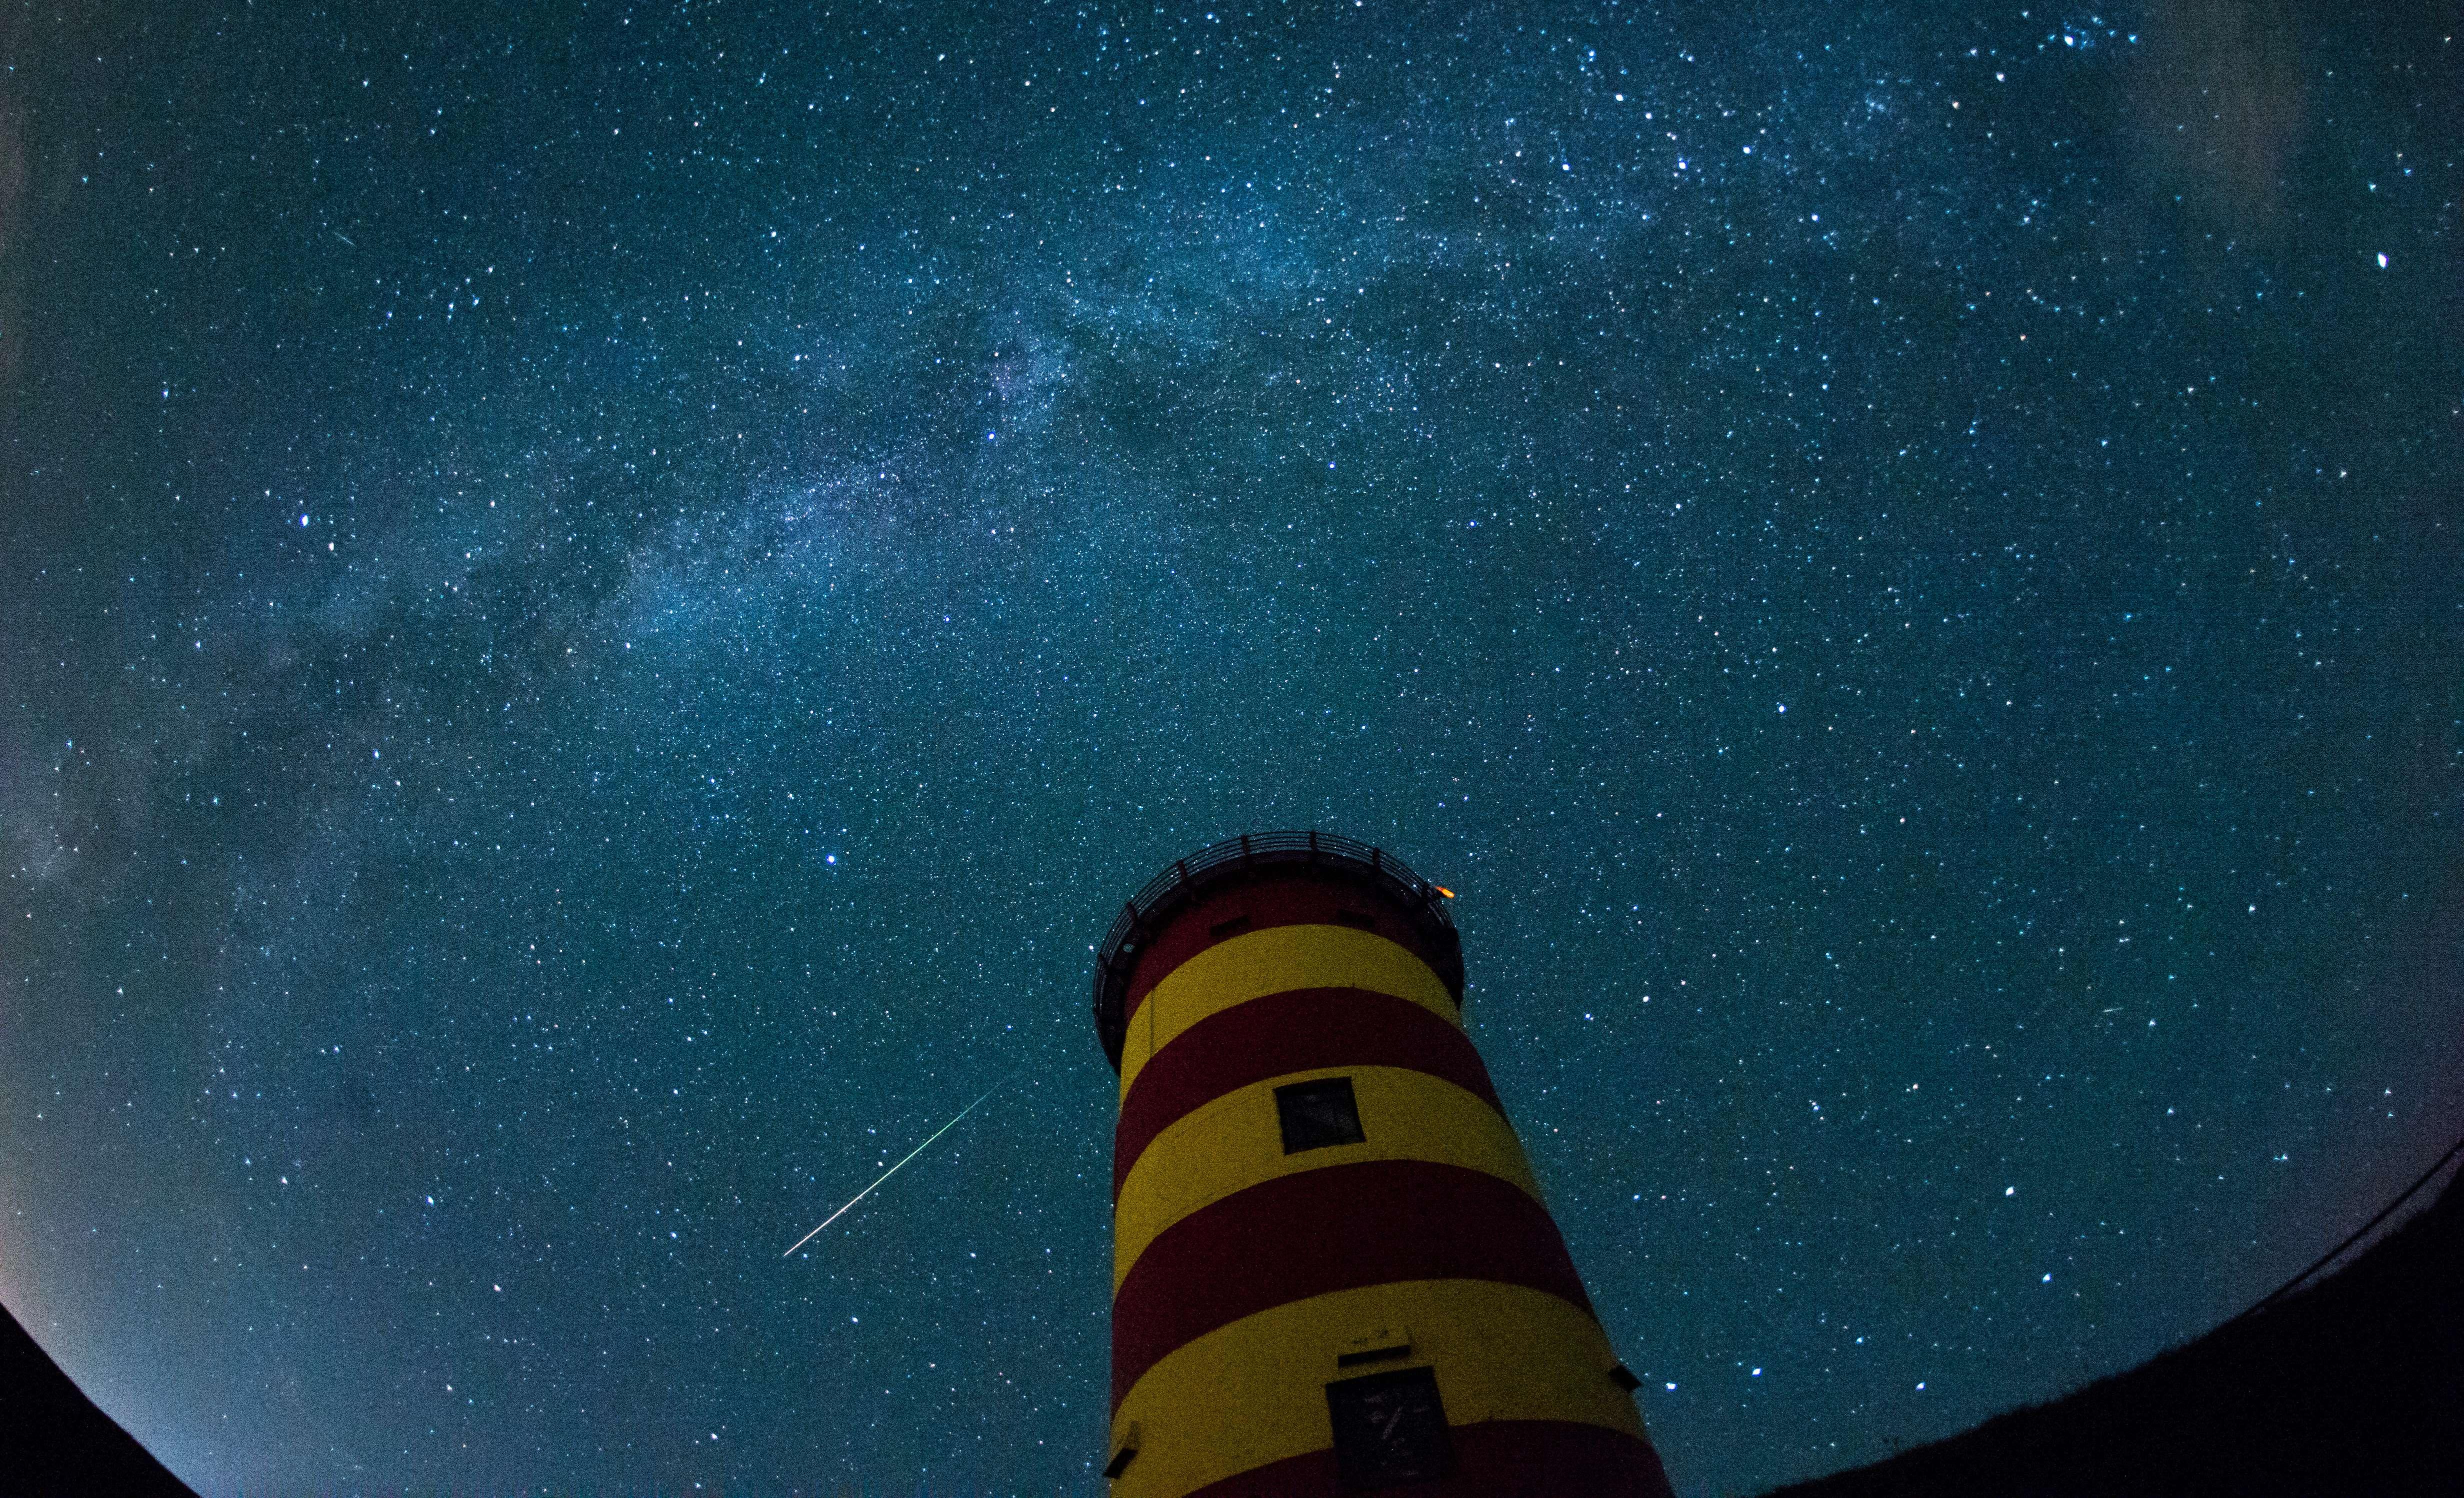 lluvia de estrellas Gemínidas como ver, cuando llega la lluvia de estrellas Gemínidas